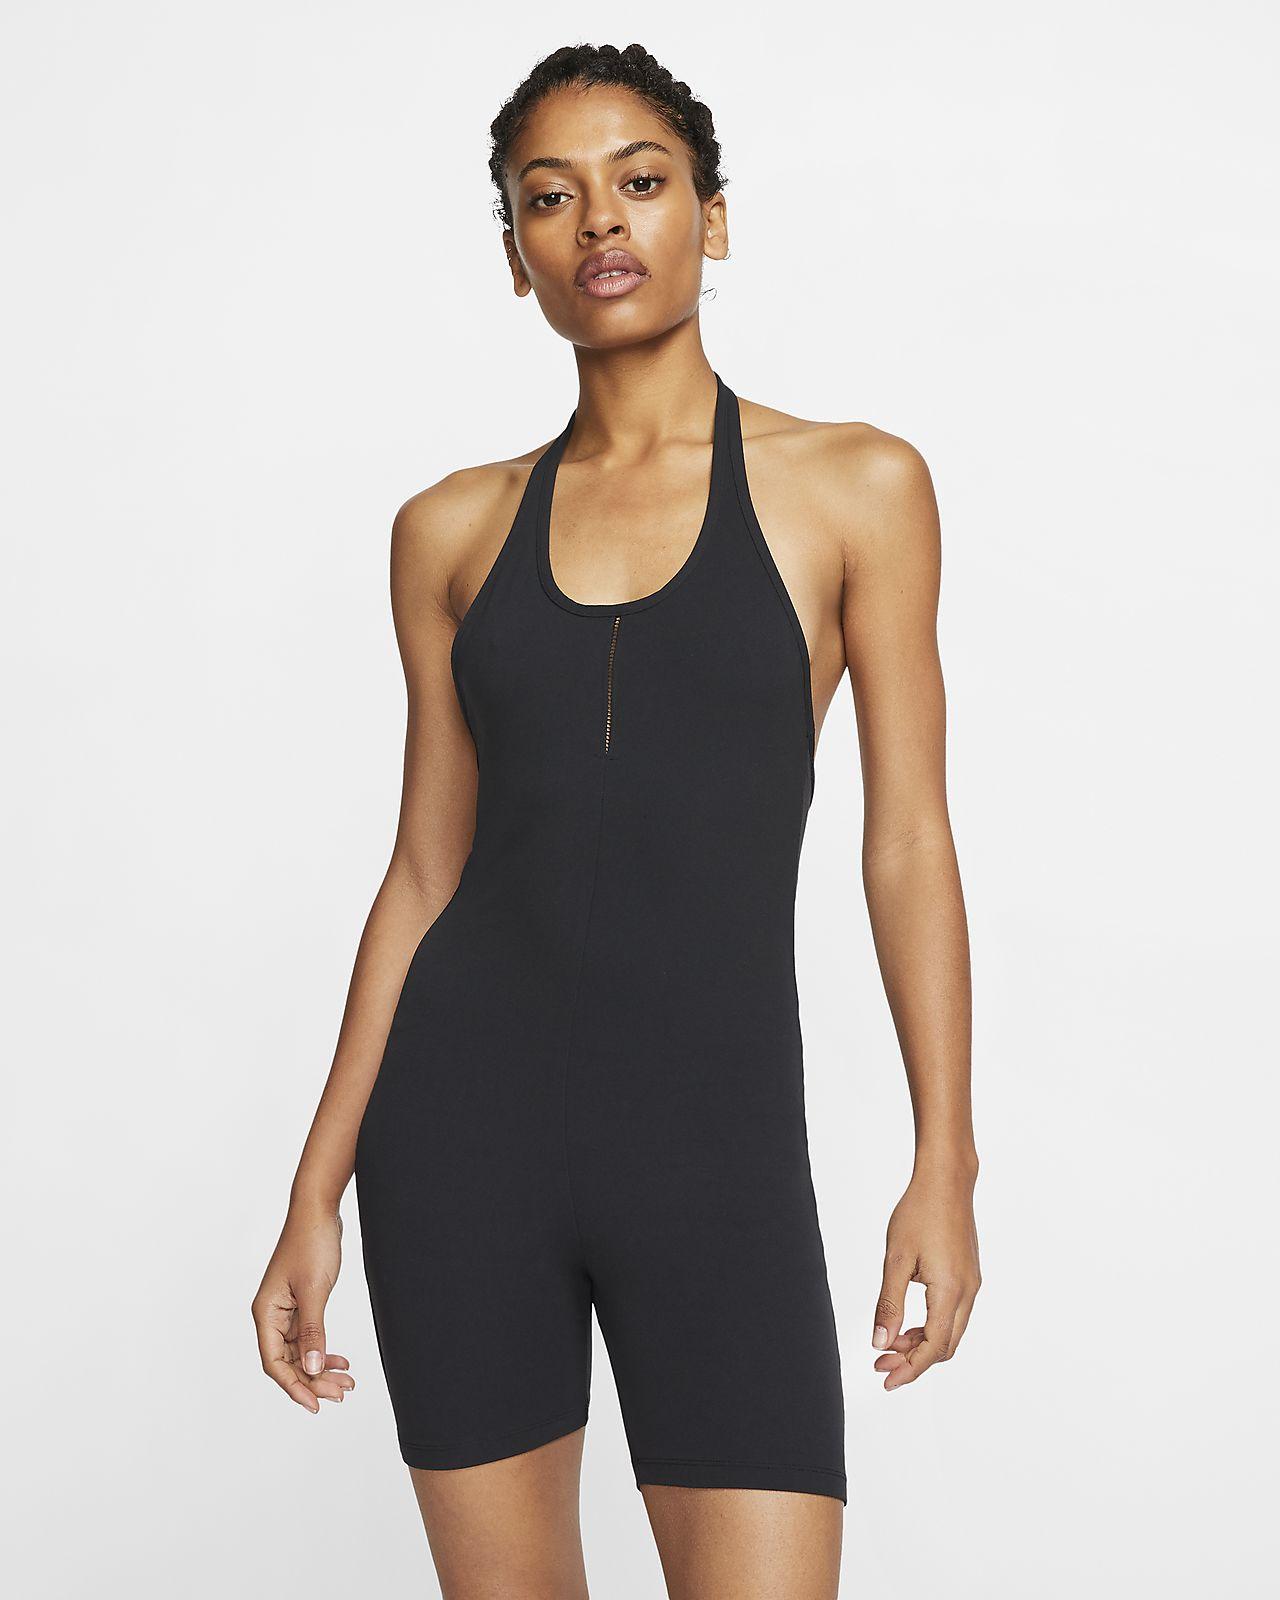 Nike Yoga Luxe Jumpsuit van Infalon voor dames